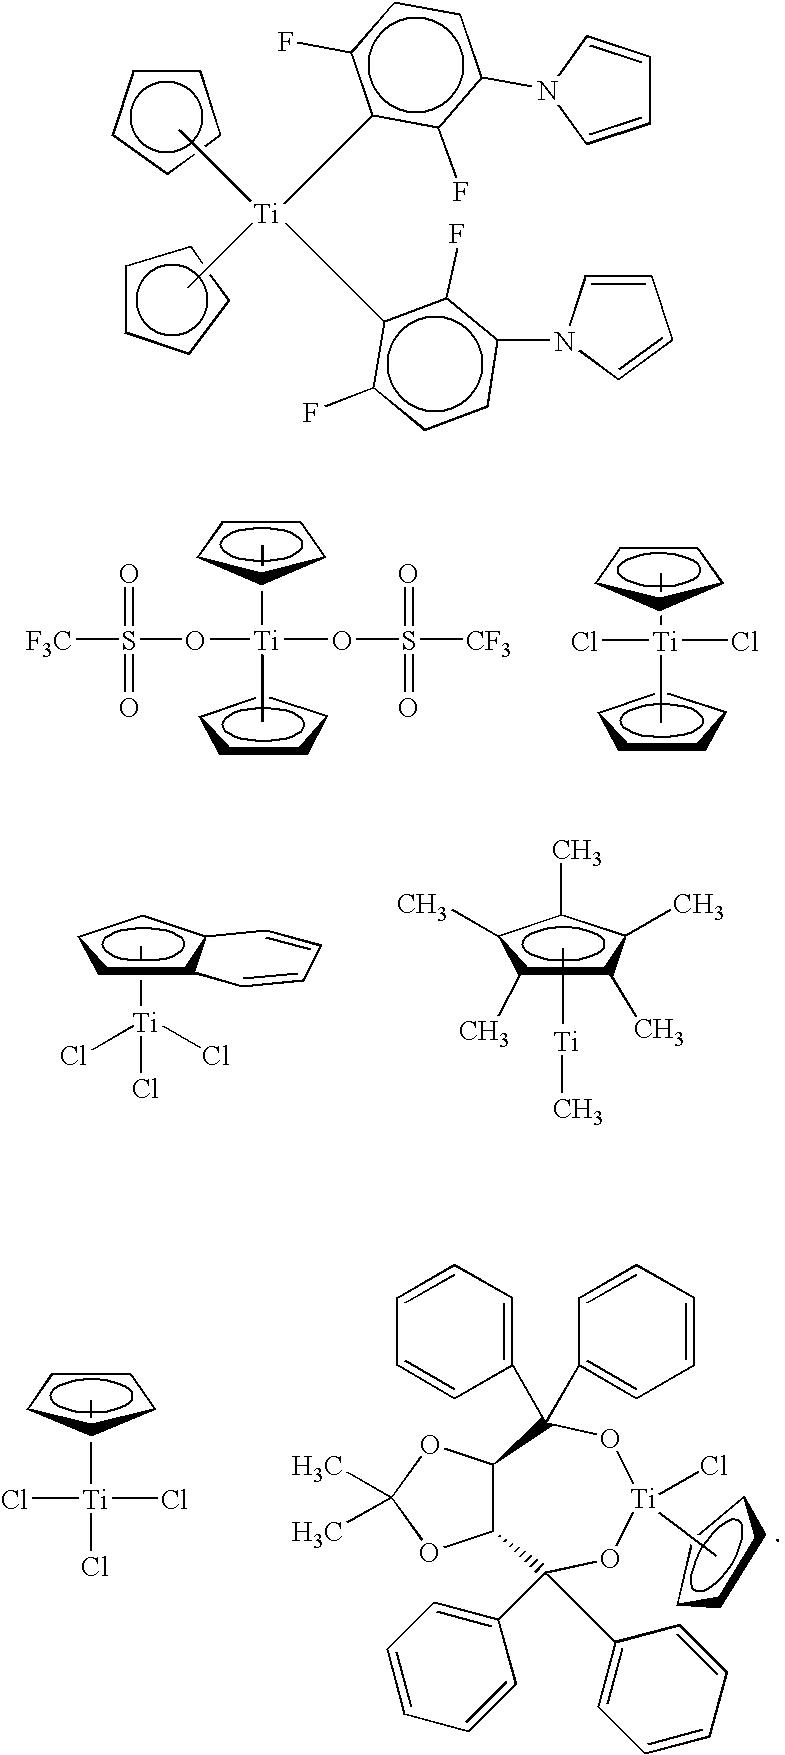 Figure US20090246663A1-20091001-C00001